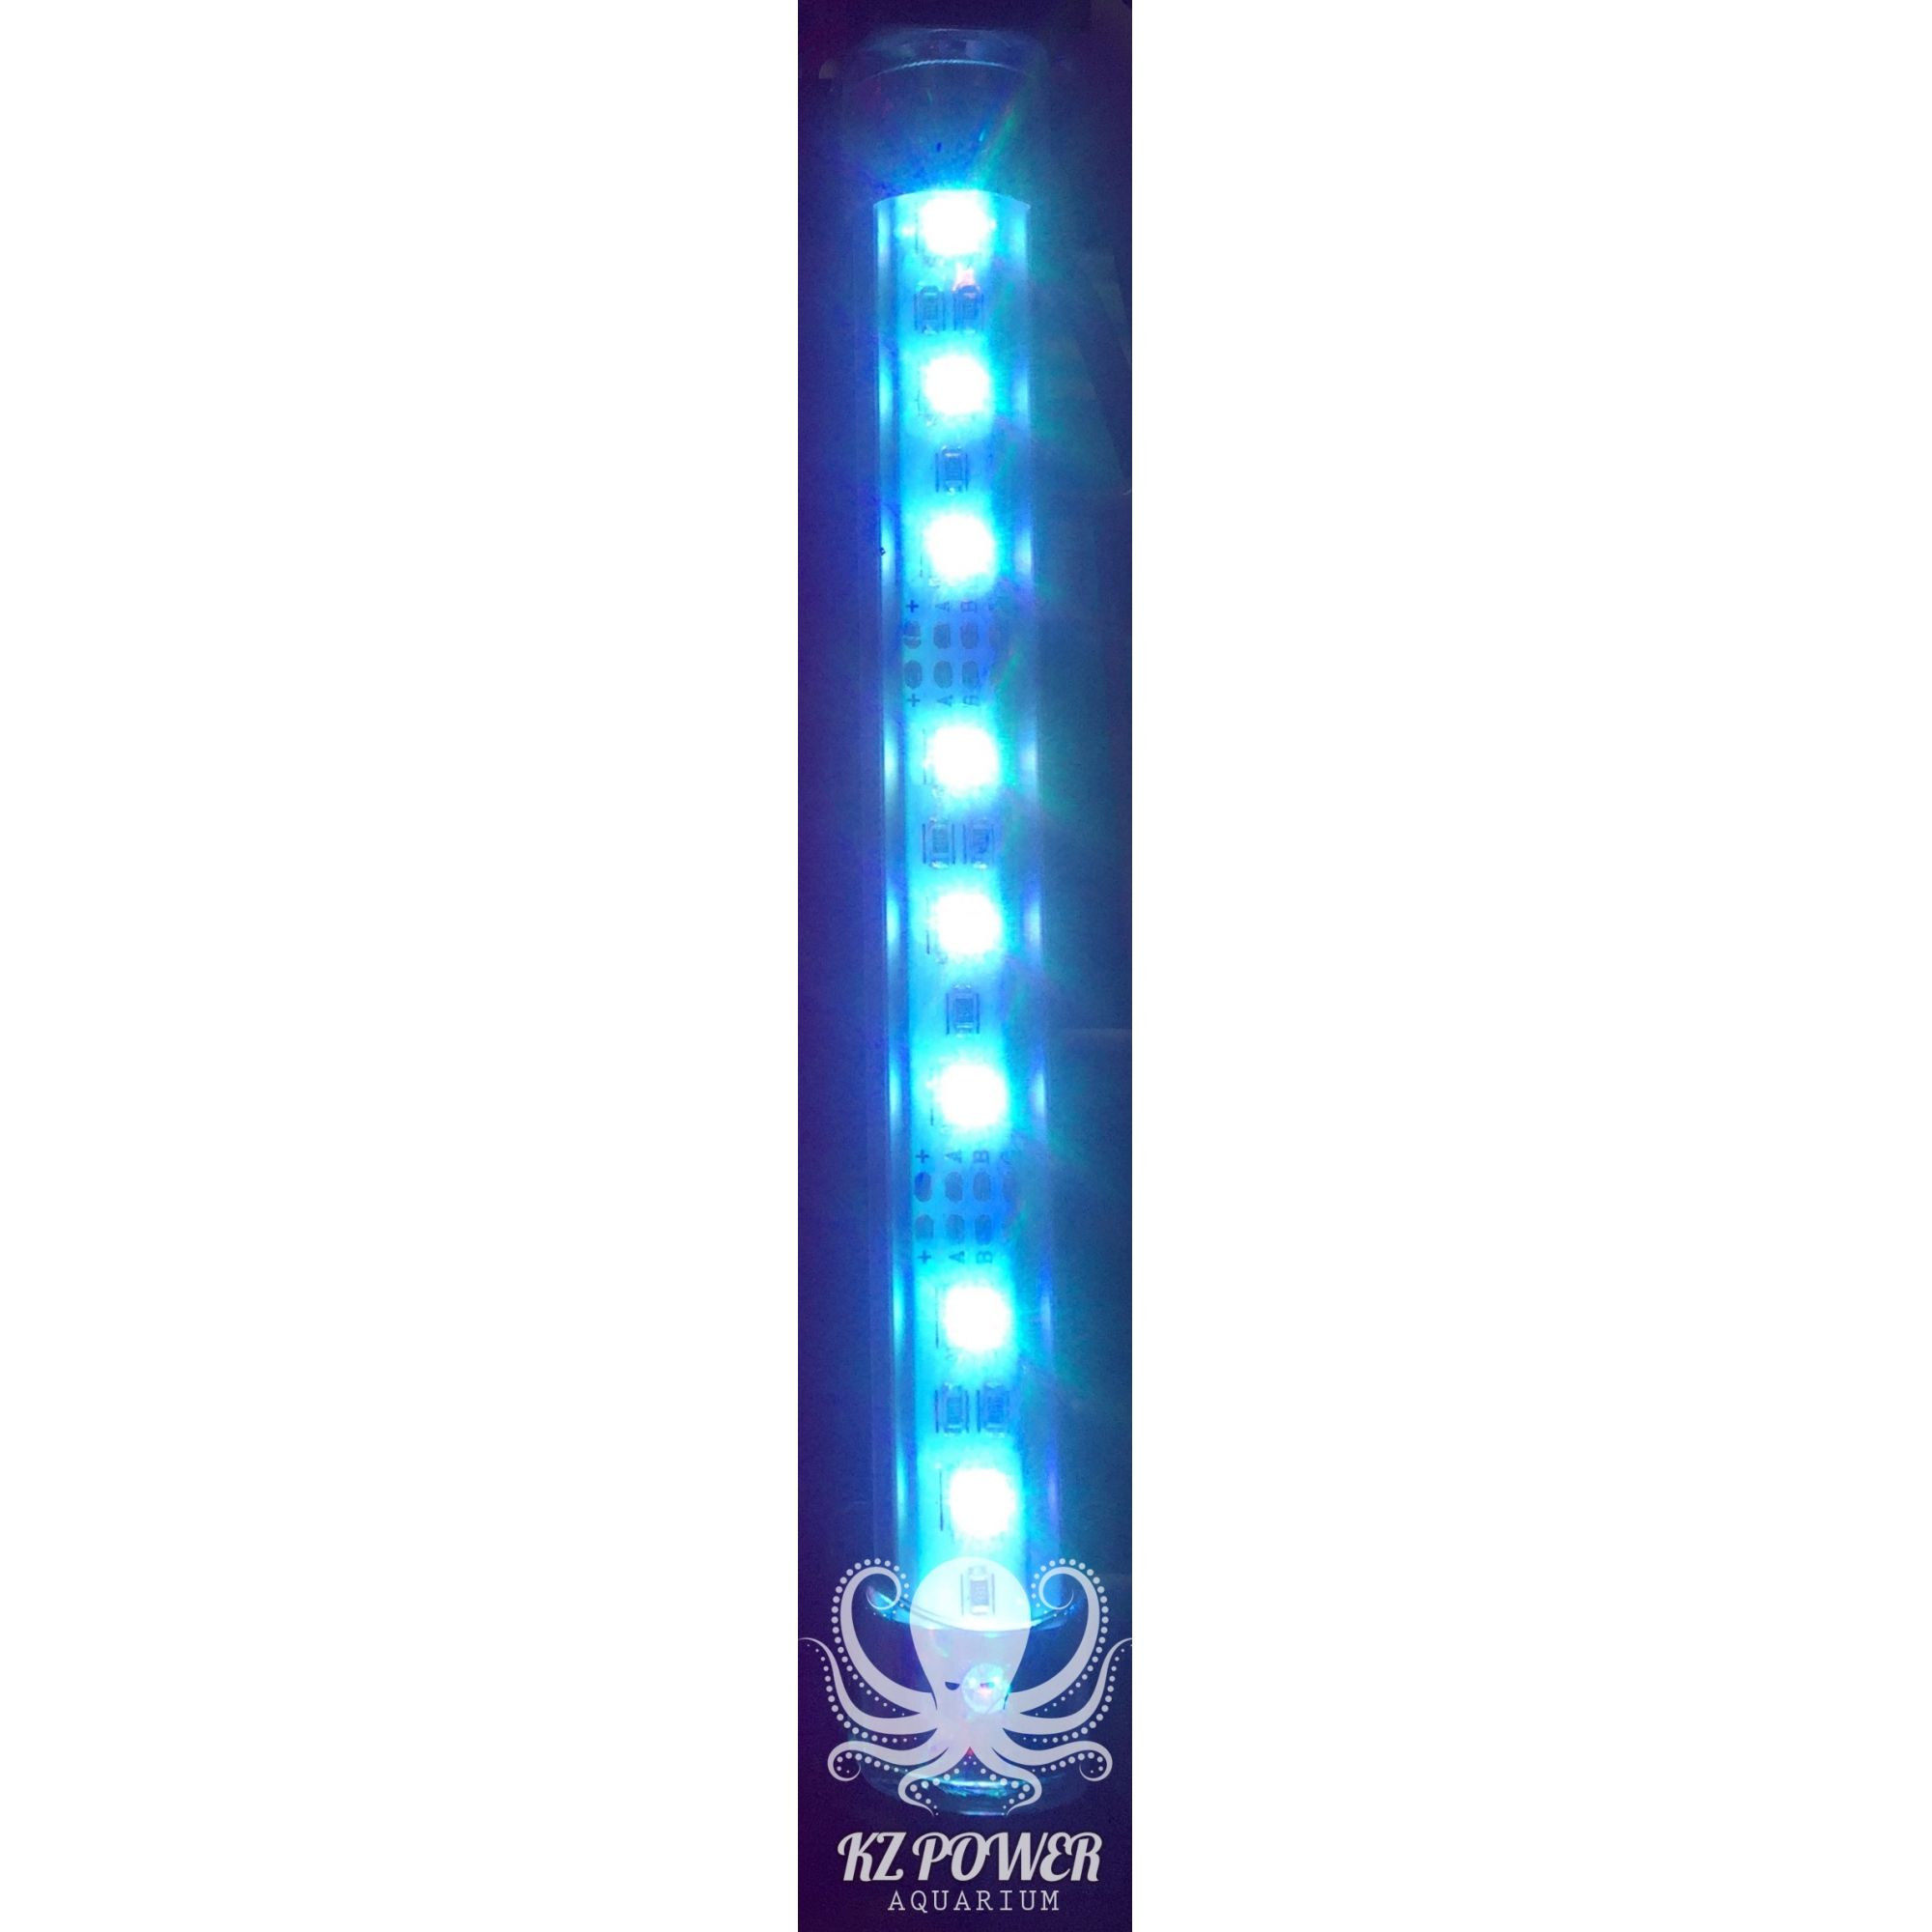 Luminaria Led Aqualumi RGB 30cm + Fonte e controle remoto  - KZ Power